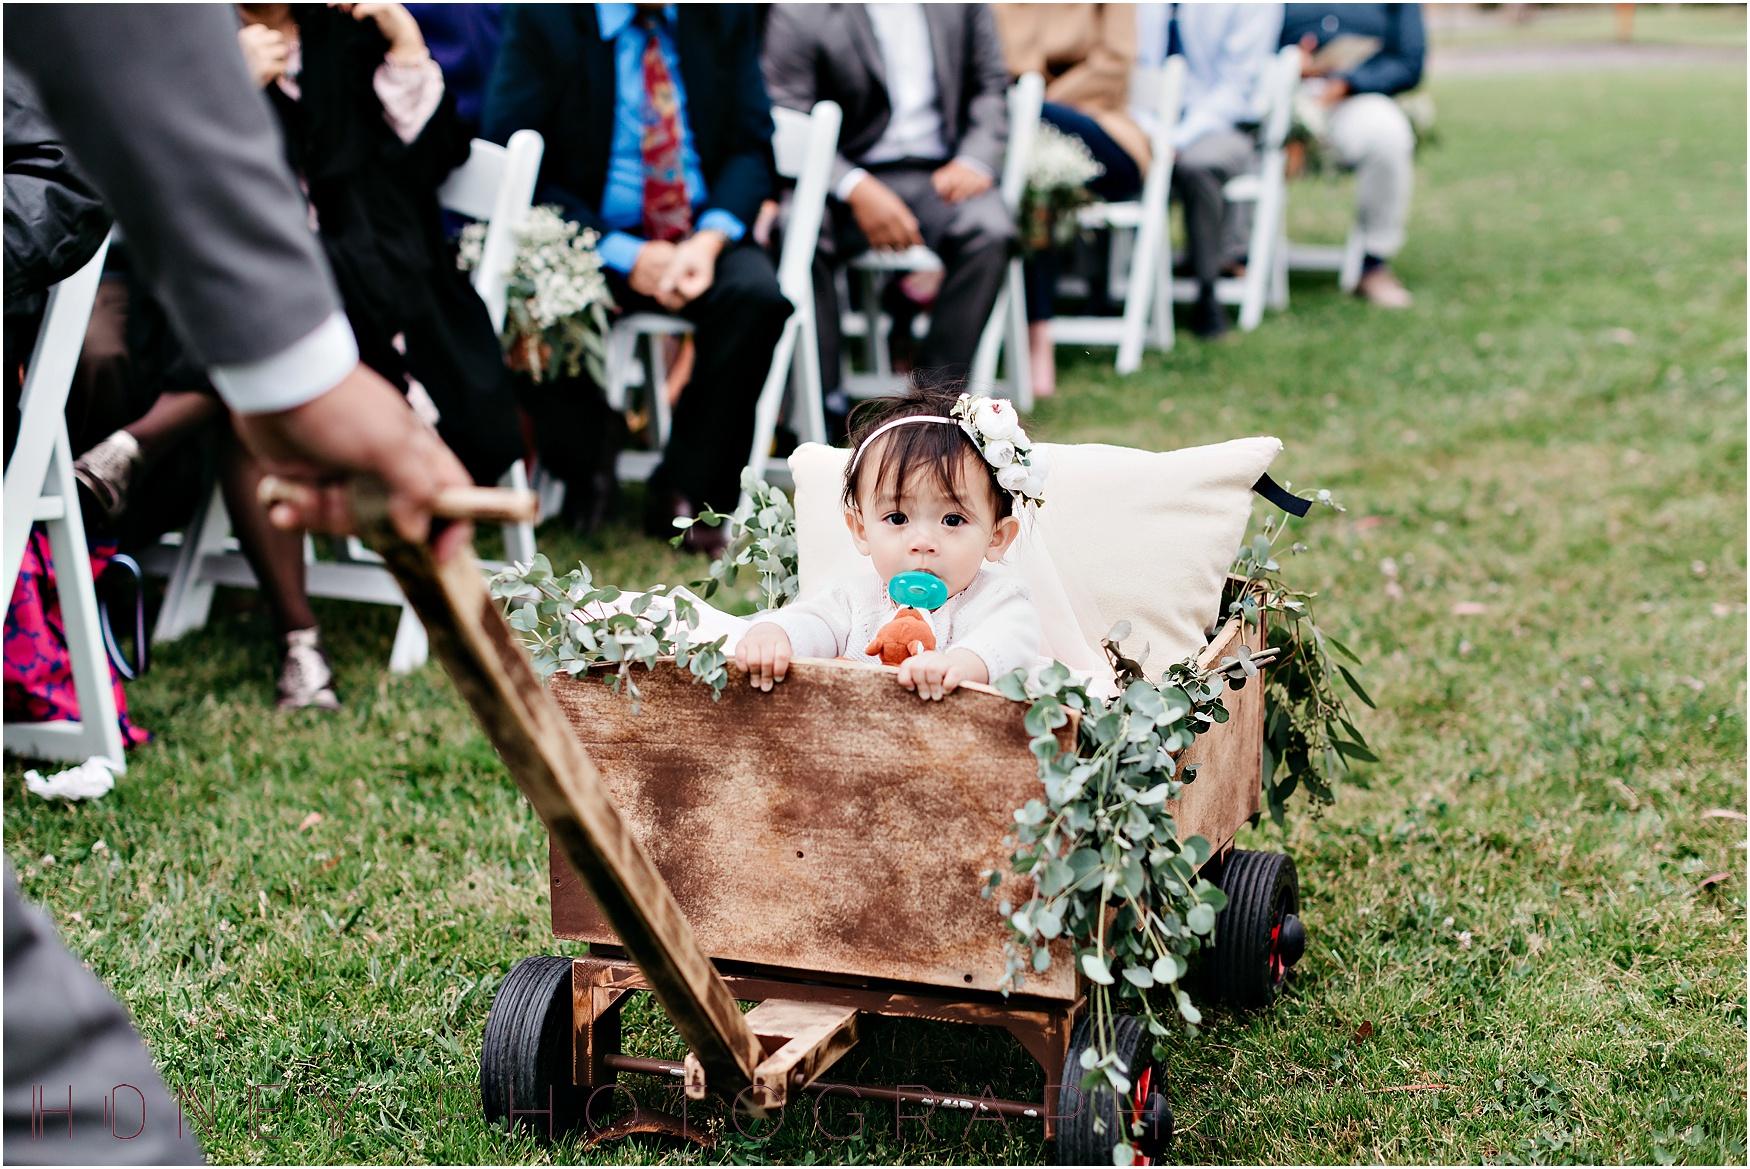 starwarsharrypotterpopculturemarinavillagewedding19.jpg